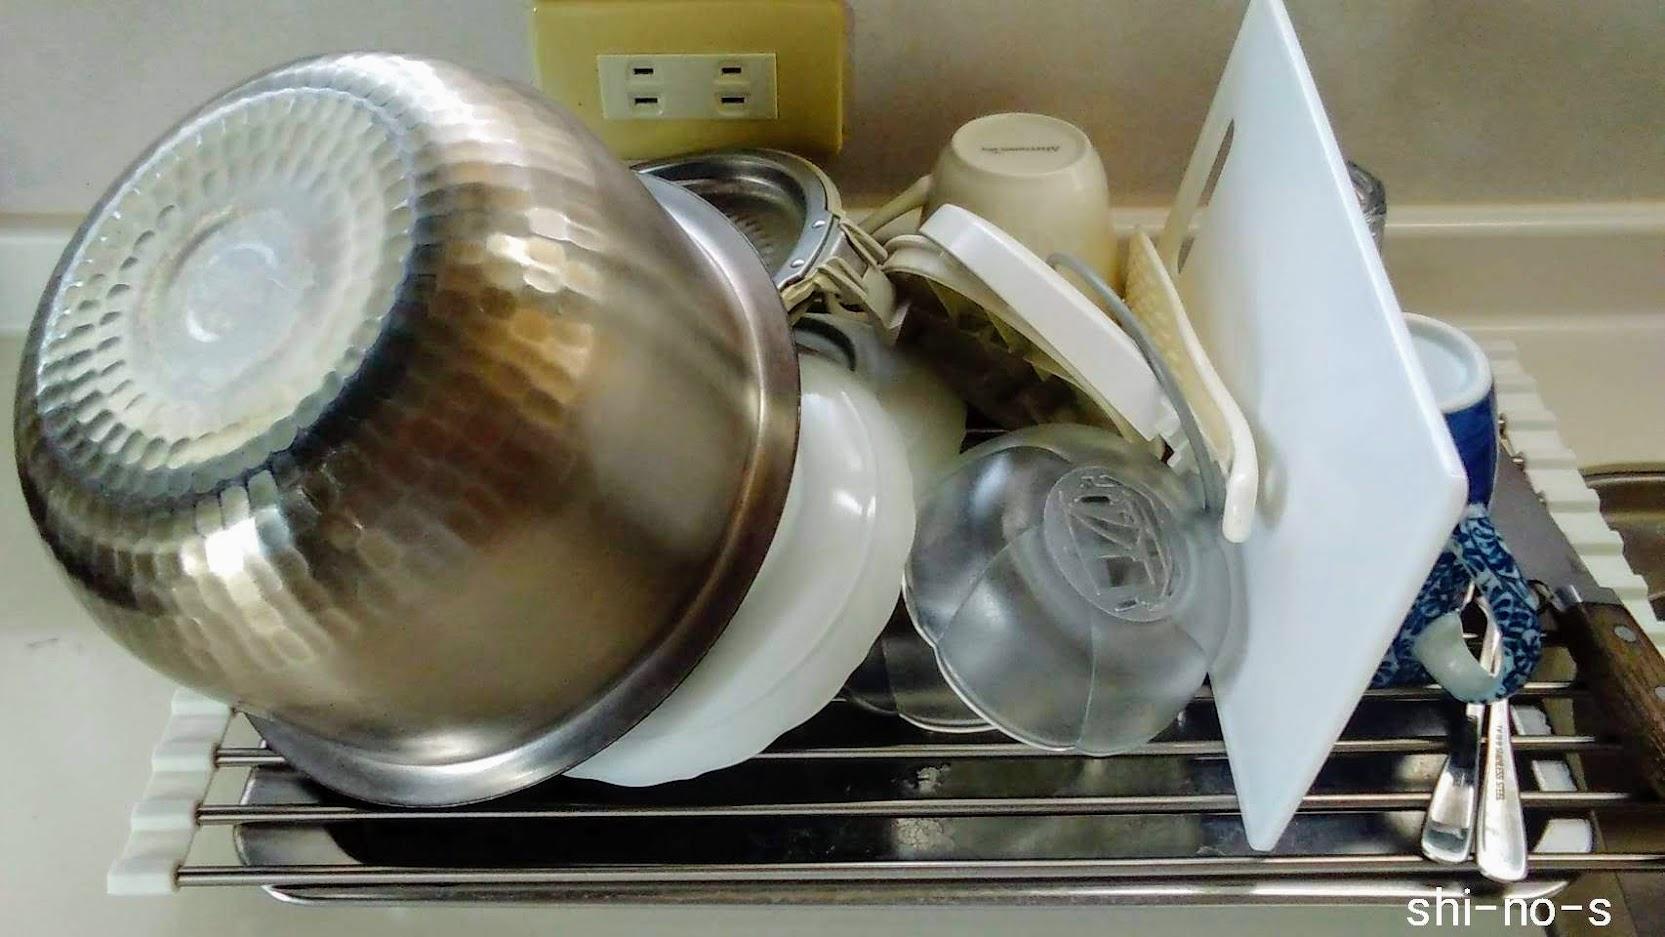 水切りかごに洗い物がどっさり